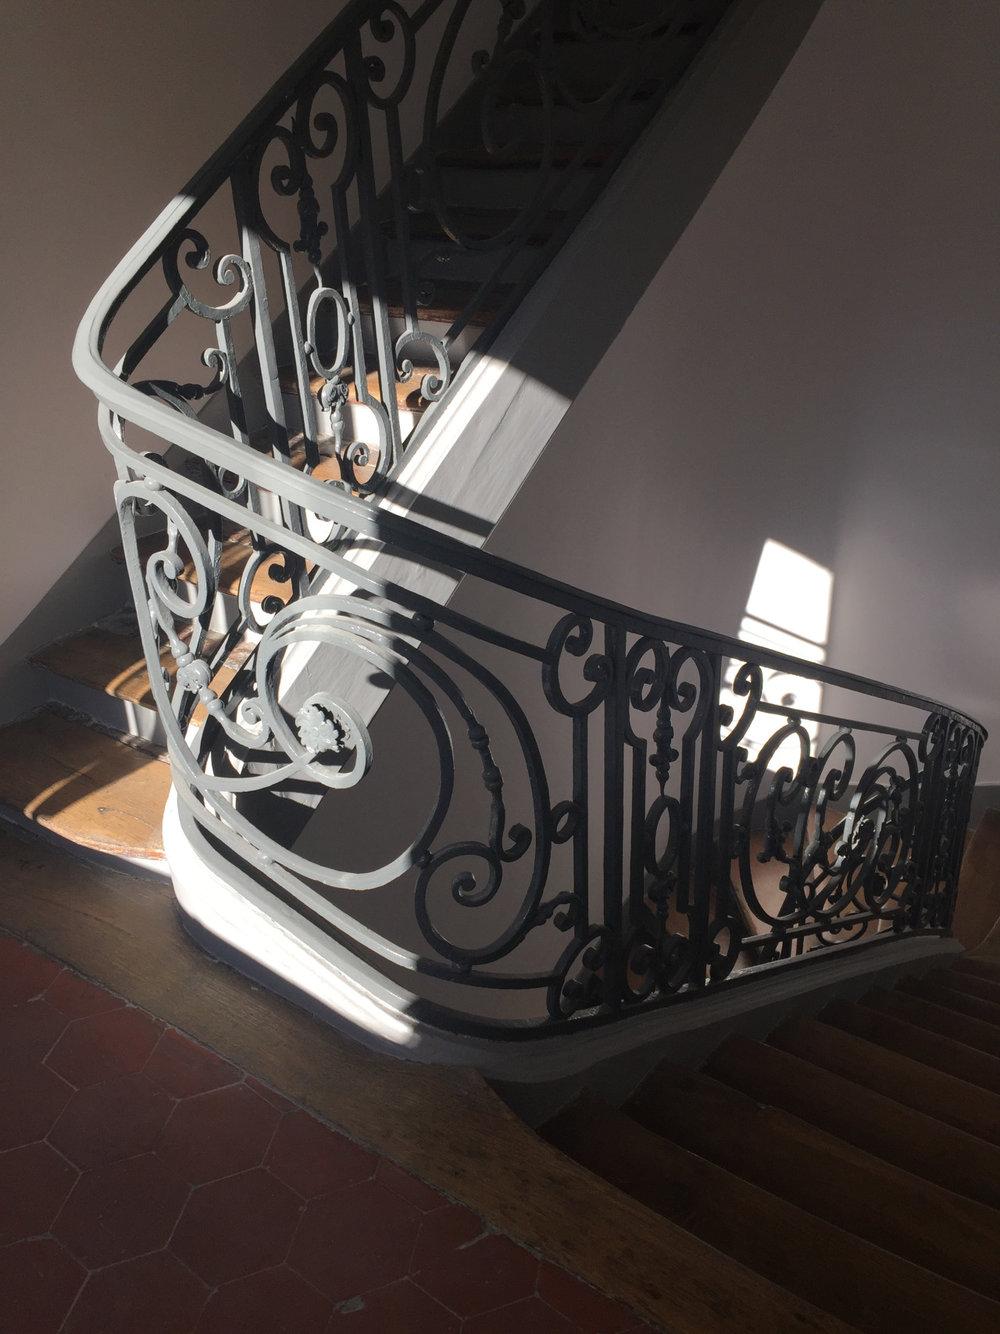 市區通常都是老建築, 沒有電梯, 大部分樓梯很窄!